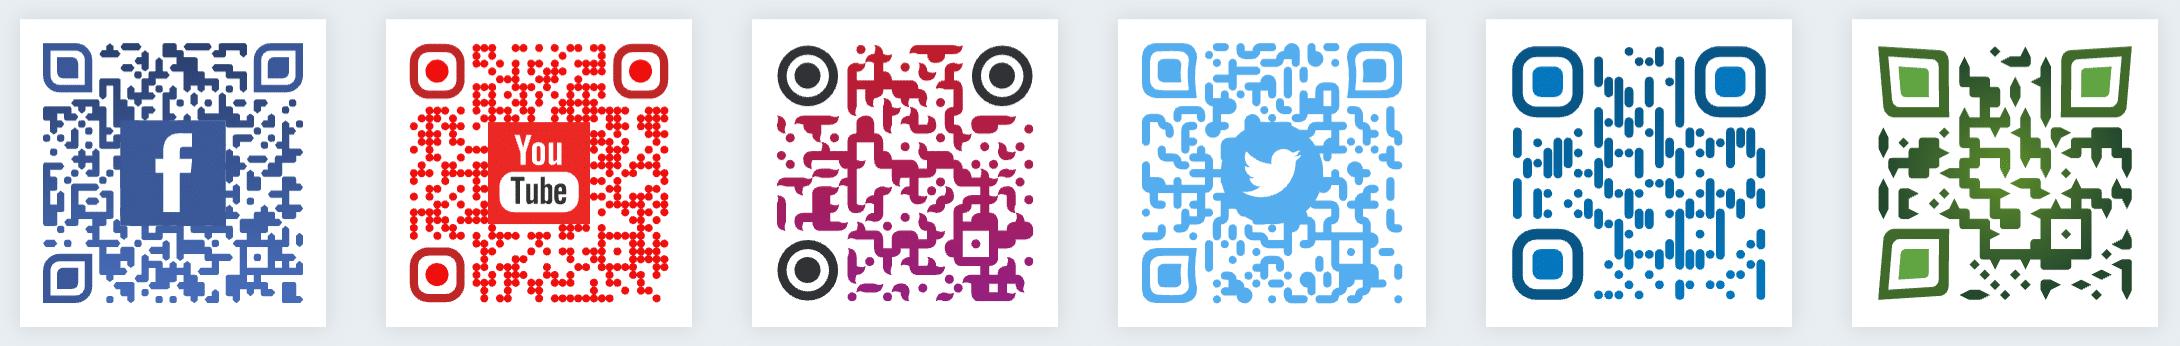 QR code color branding